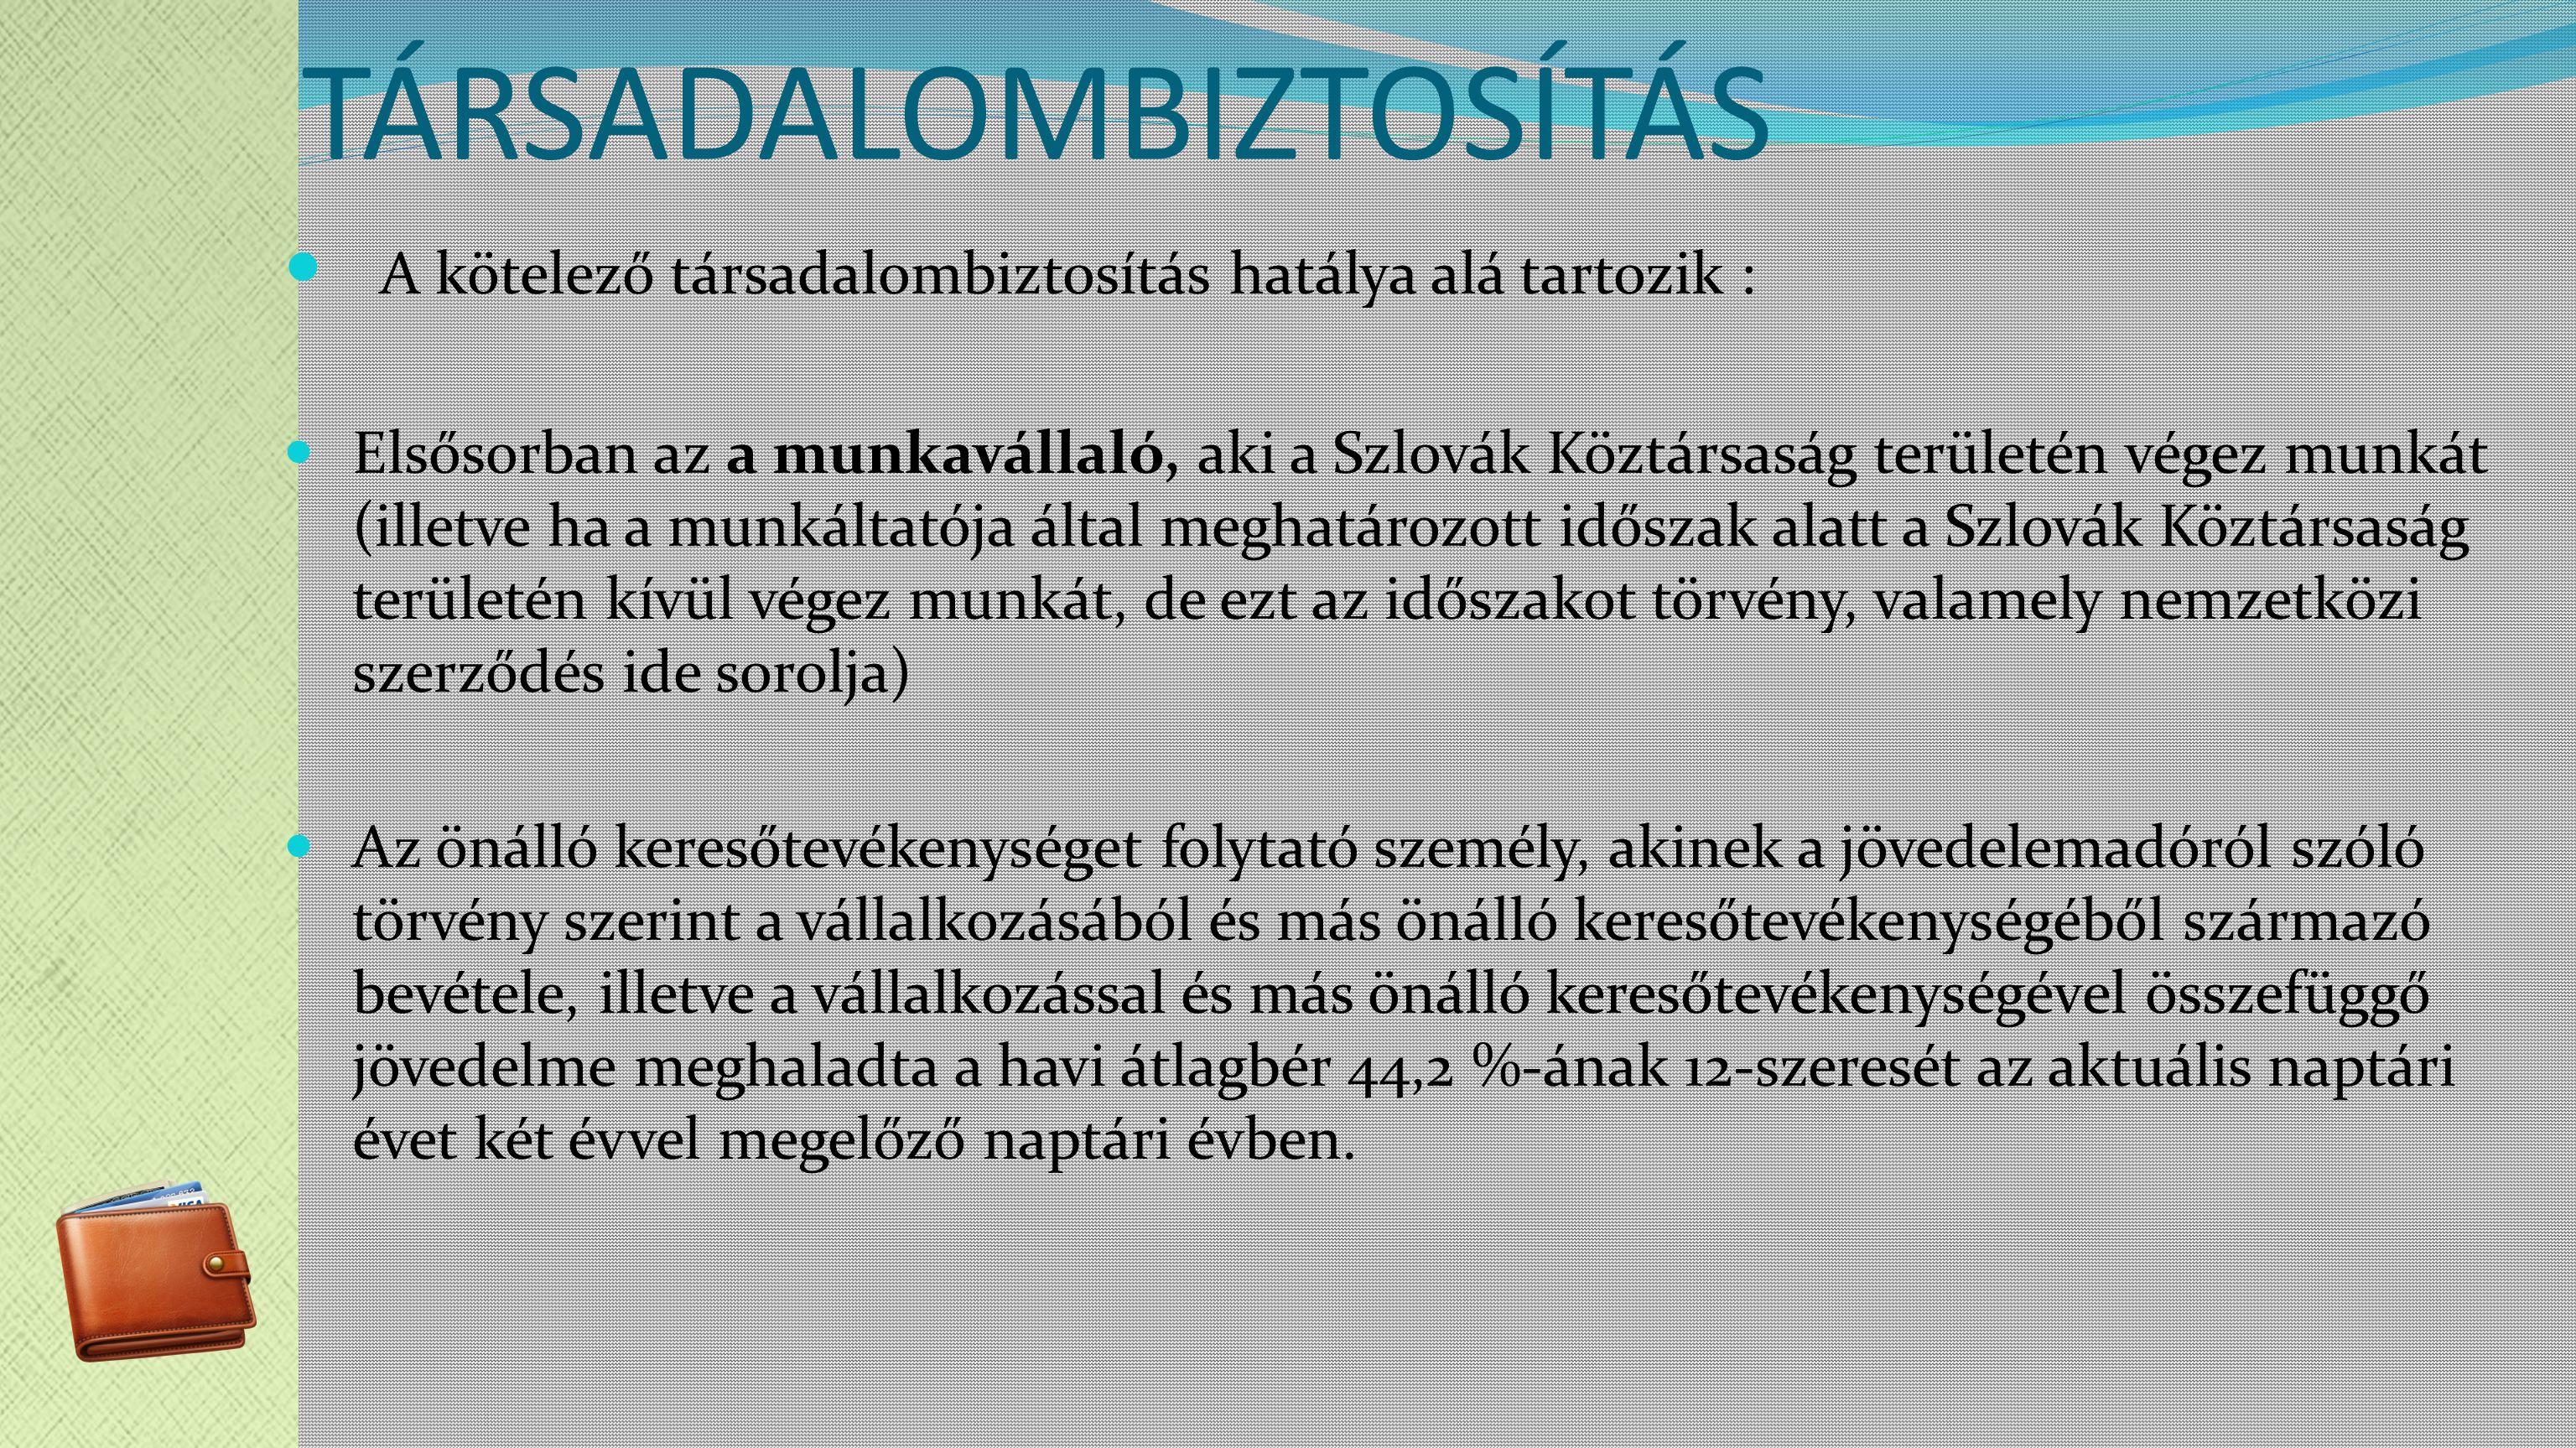 TÁRSADALOMBIZTOSÍTÁS A kötelező társadalombiztosítás hatálya alá tartozik : Elsősorban az a munkavállaló, aki a Szlovák Köztársaság területén végez munkát (illetve ha a munkáltatója által meghatározott időszak alatt a Szlovák Köztársaság területén kívül végez munkát, de ezt az időszakot törvény, valamely nemzetközi szerződés ide sorolja) Az önálló keresőtevékenységet folytató személy, akinek a jövedelemadóról szóló törvény szerint a vállalkozásából és más önálló keresőtevékenységéből származó bevétele, illetve a vállalkozással és más önálló keresőtevékenységével összefüggő jövedelme meghaladta a havi átlagbér 44,2 %-ának 12-szeresét az aktuális naptári évet két évvel megelőző naptári évben.